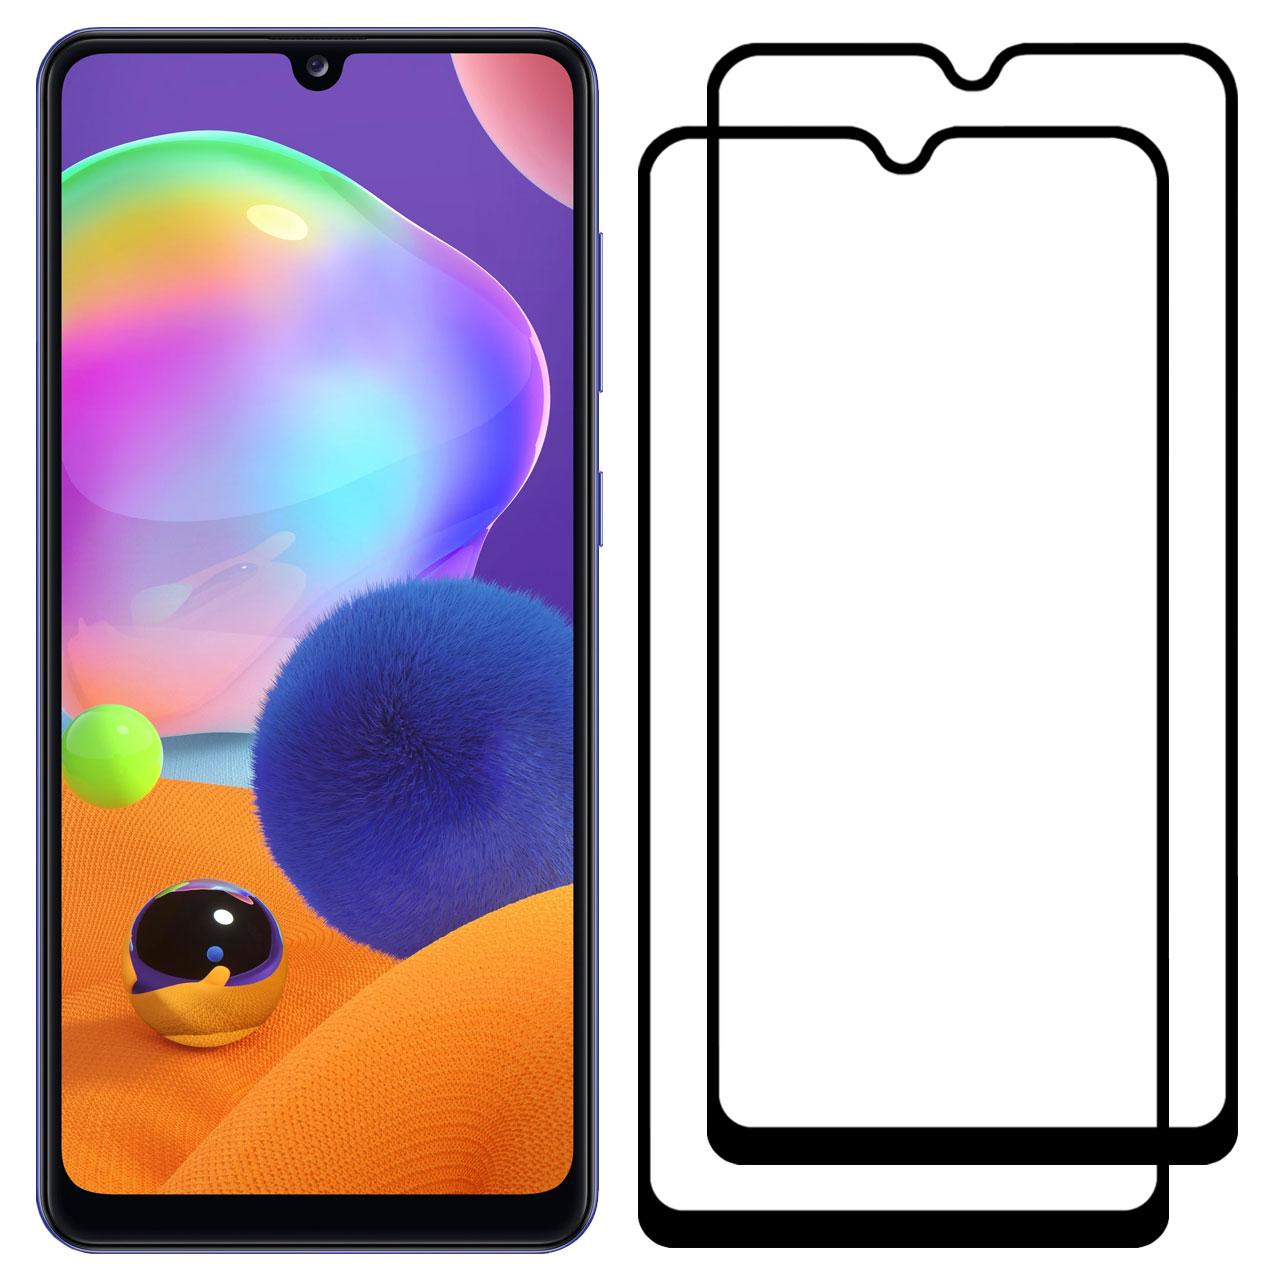 محافظ صفحه نمایش مدل FCG مناسب برای گوشی موبایل سامسونگ Galaxy A31 بسته دو عددی